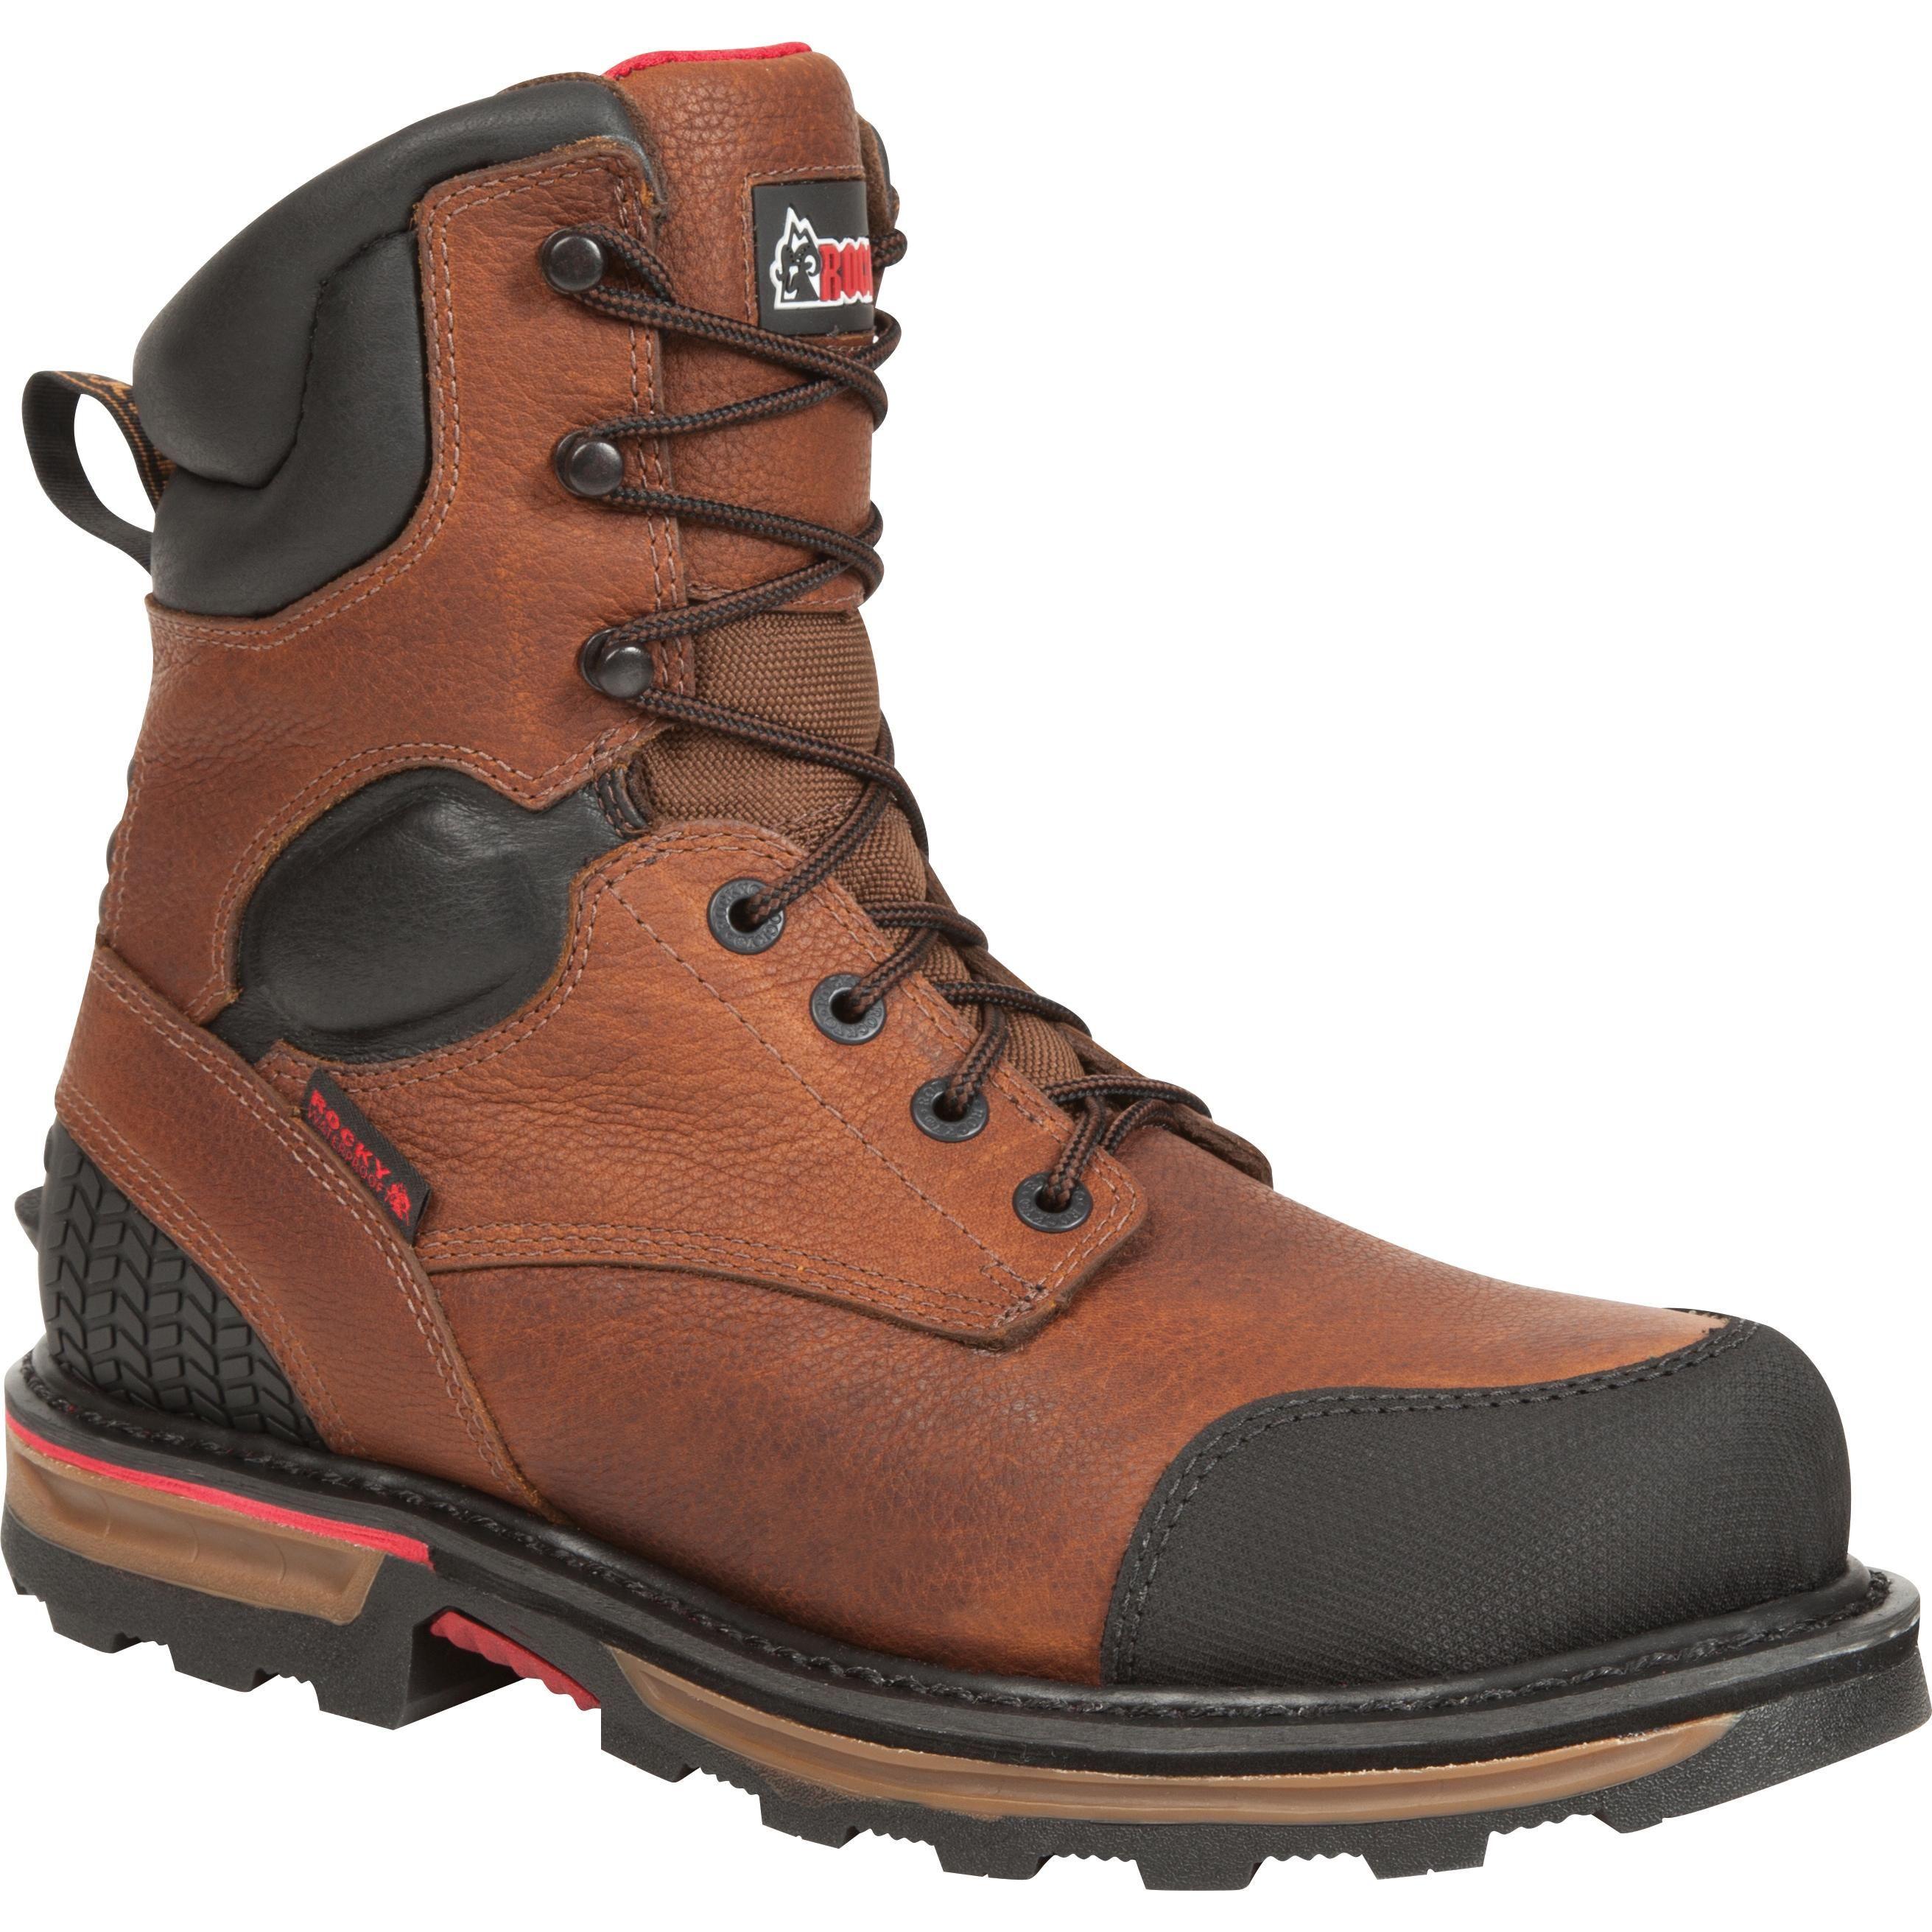 Rocky Elements Dirt Steel Toe Waterproof Work Boot Steel Toe